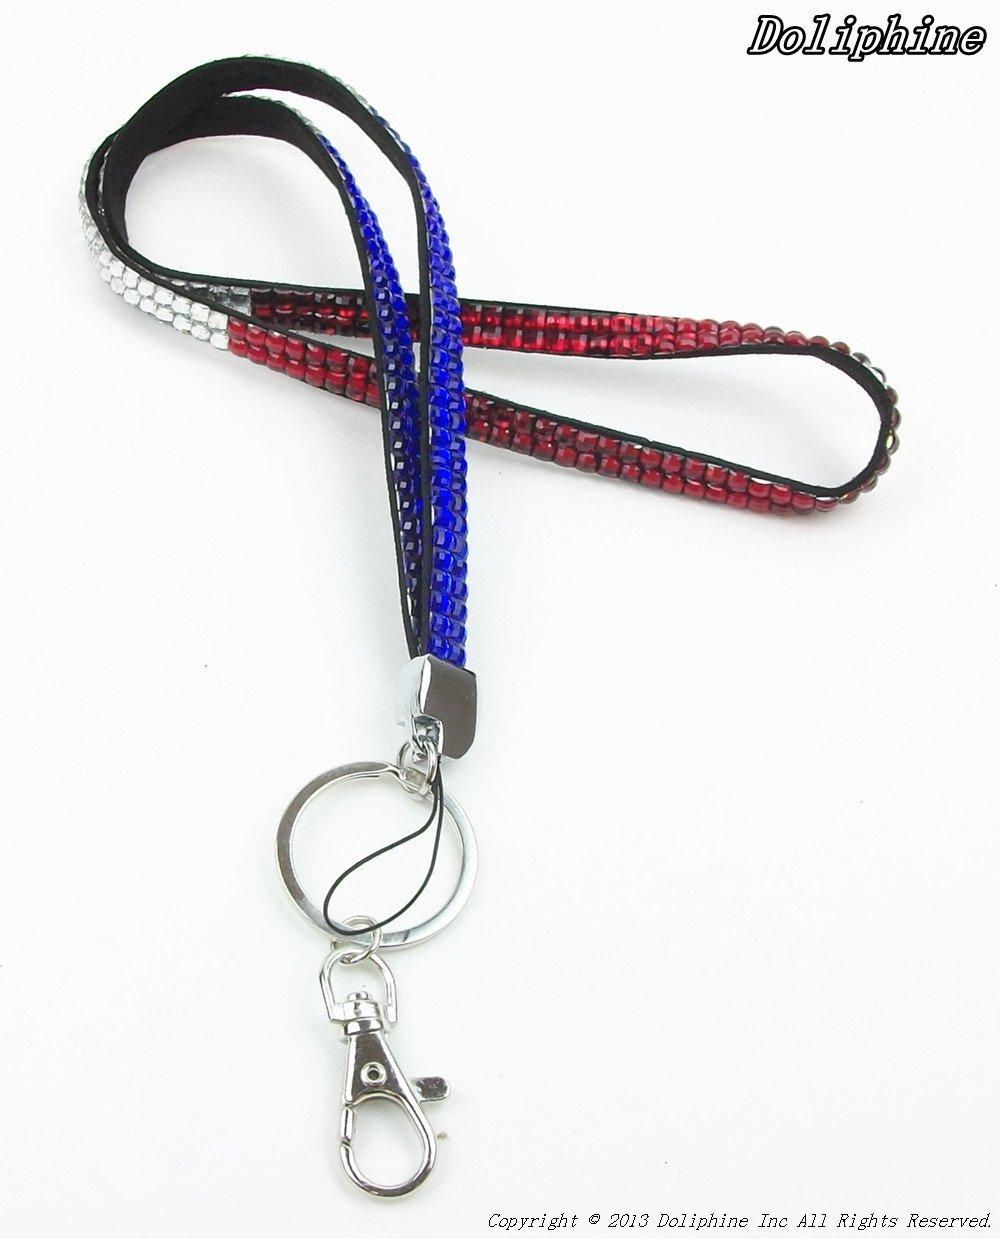 Zahlreiche 17  Farbeful Bling Strass Halskette Lanyards Schlüsselanhänger für Schlüssel ID Badge Handy USB (3 Farben für Wahl) 3 Farben